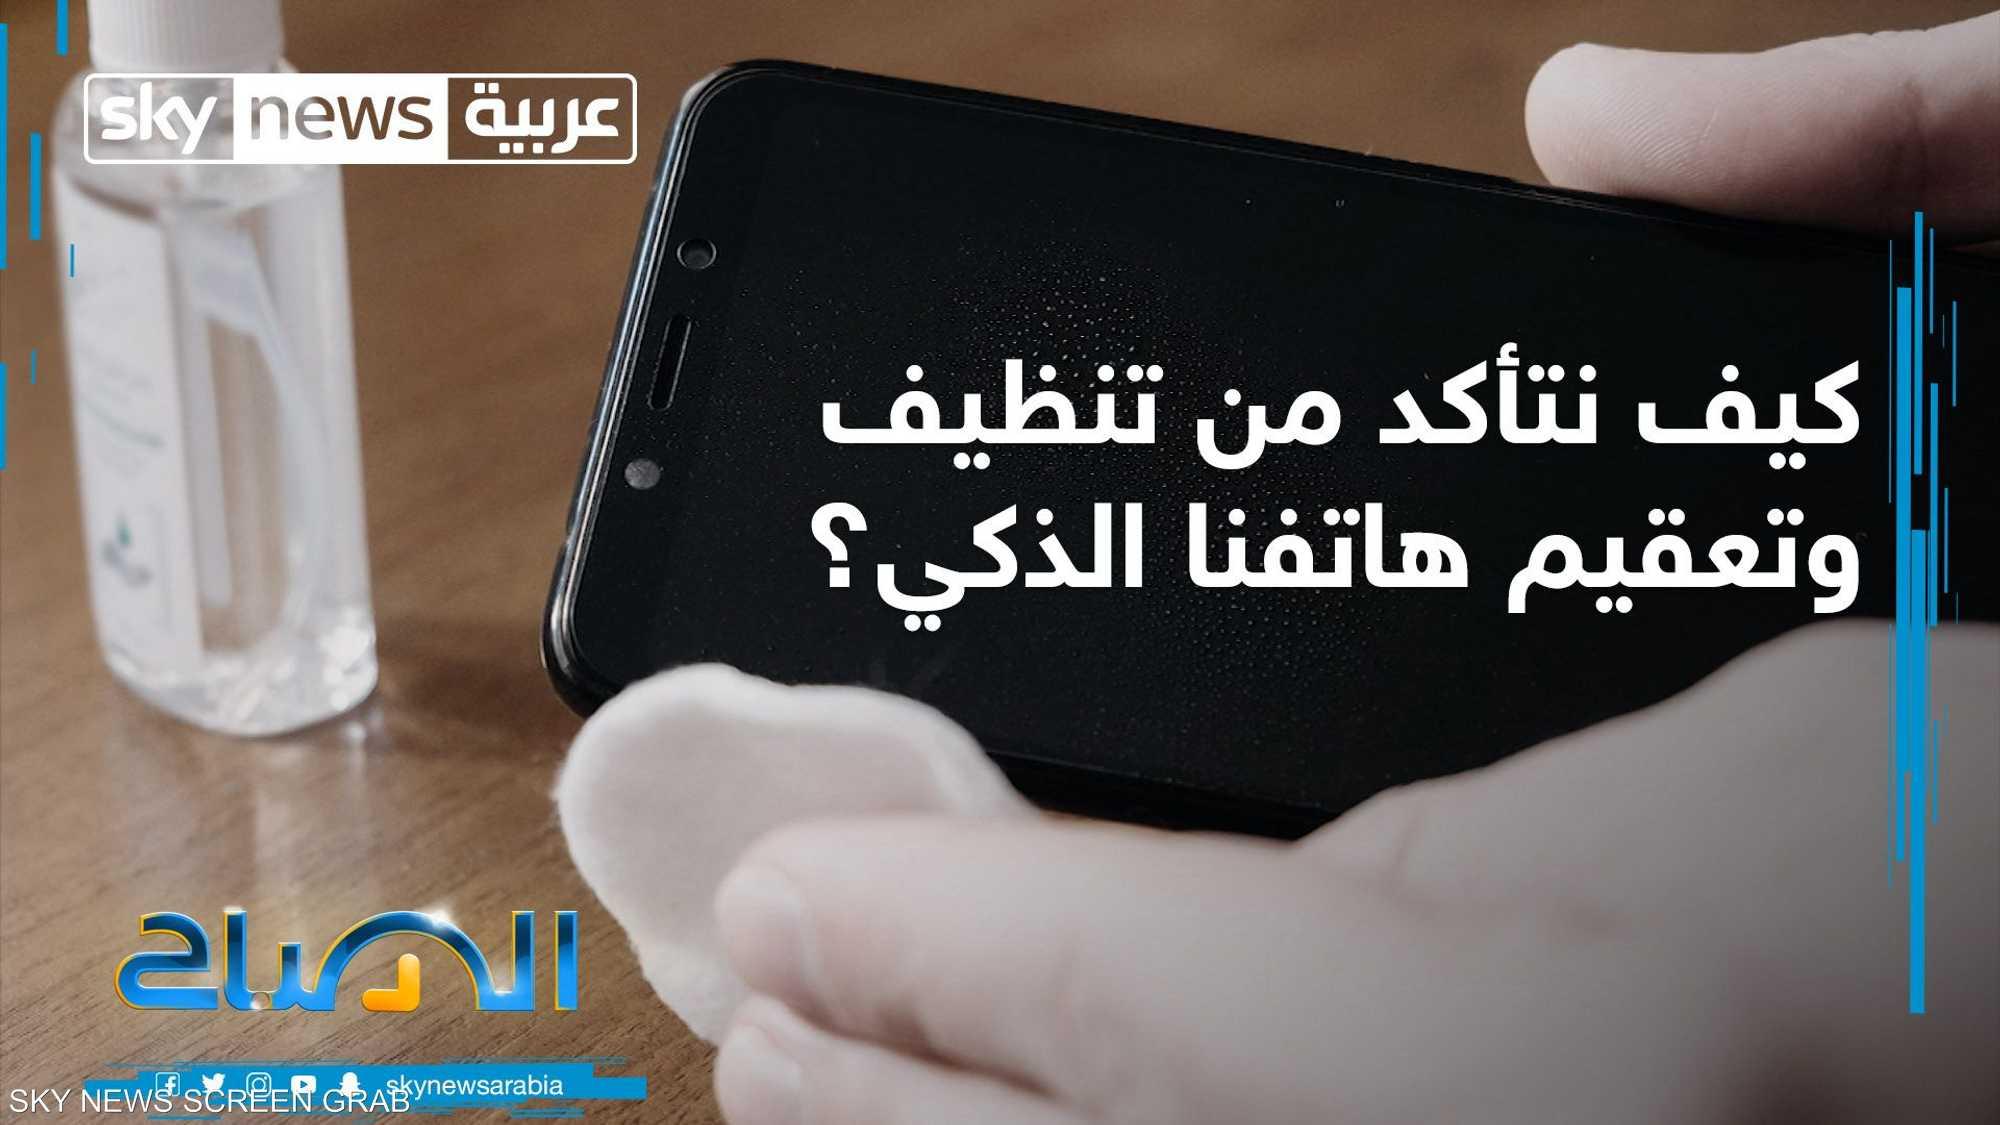 كيف نتأكد من تنظيف وتعقيم هاتفنا الذكي؟